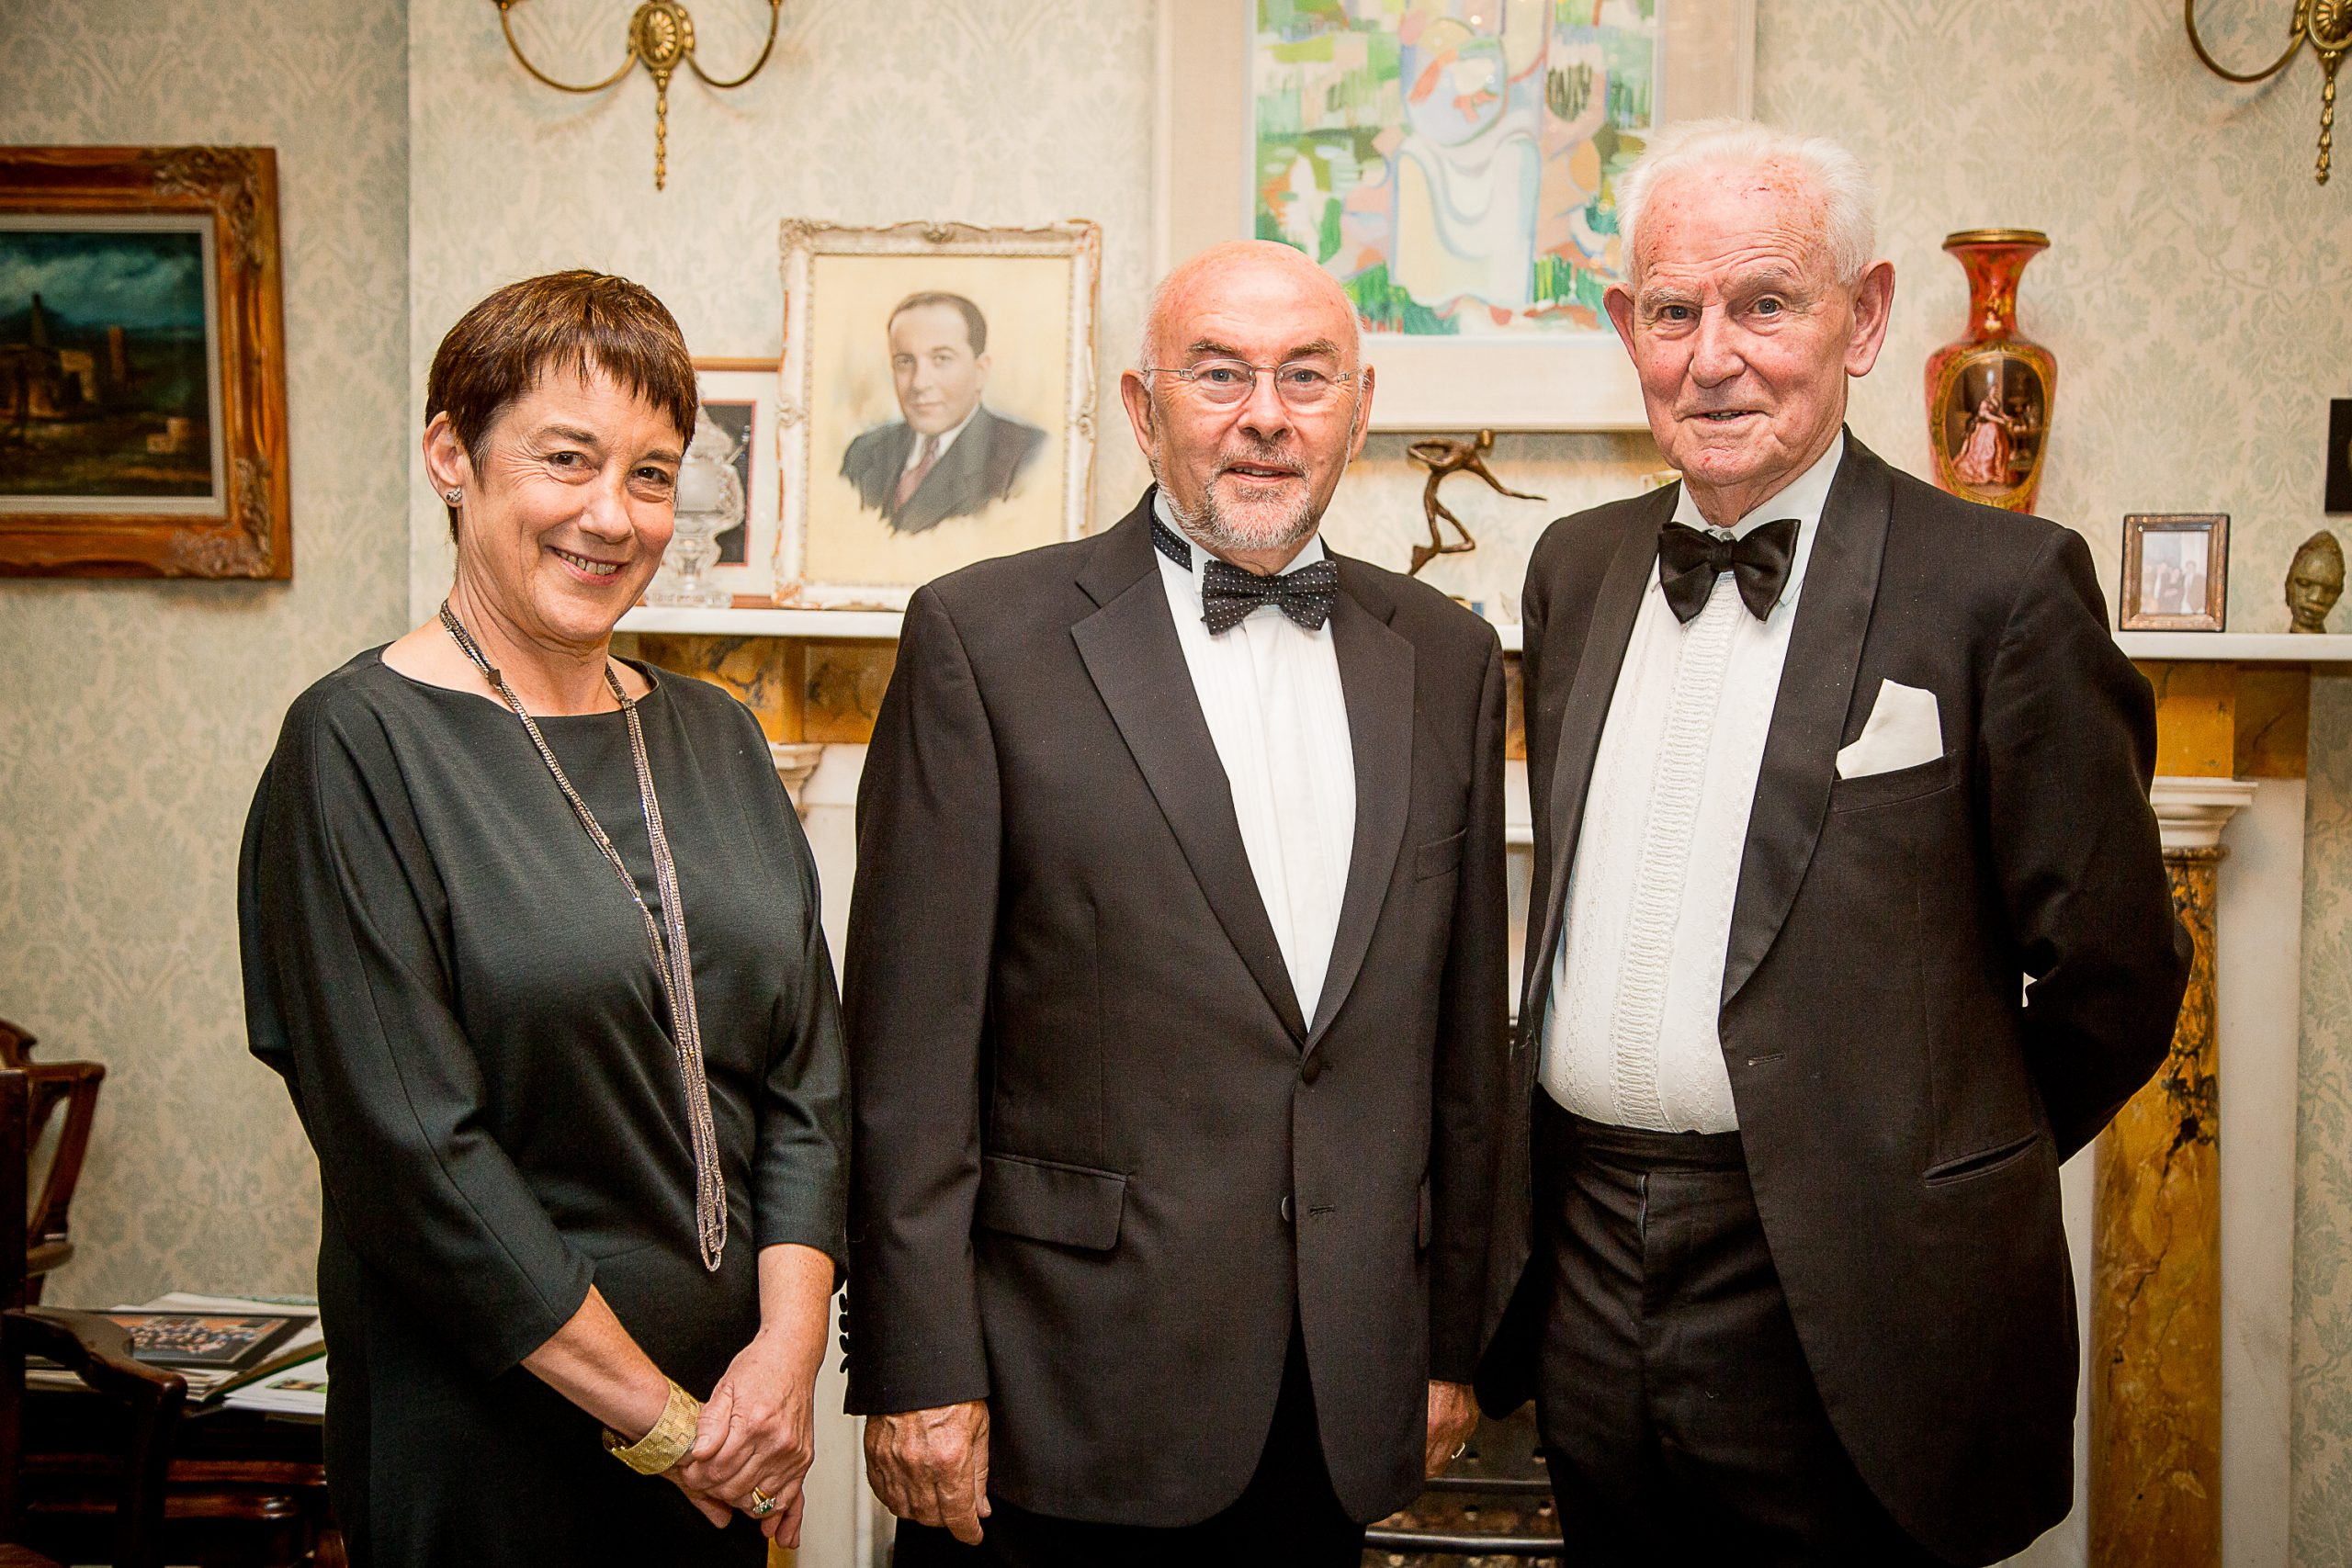 Former Minister for Education Ruairi Quinn T.D. delivered the ke